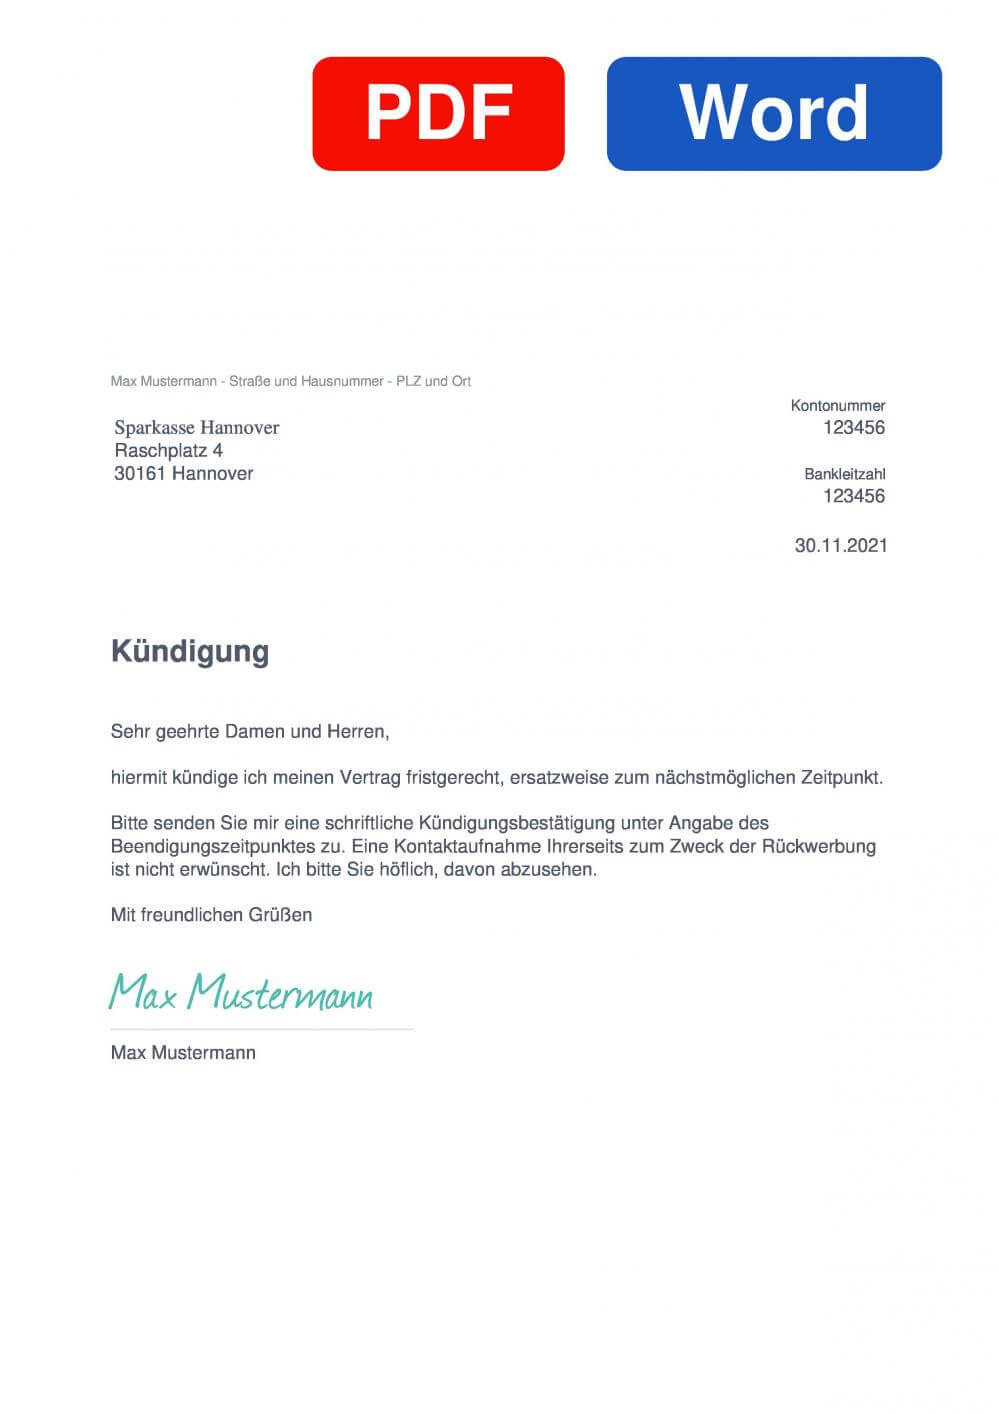 Sparkasse Hannover Muster Vorlage für Kündigungsschreiben